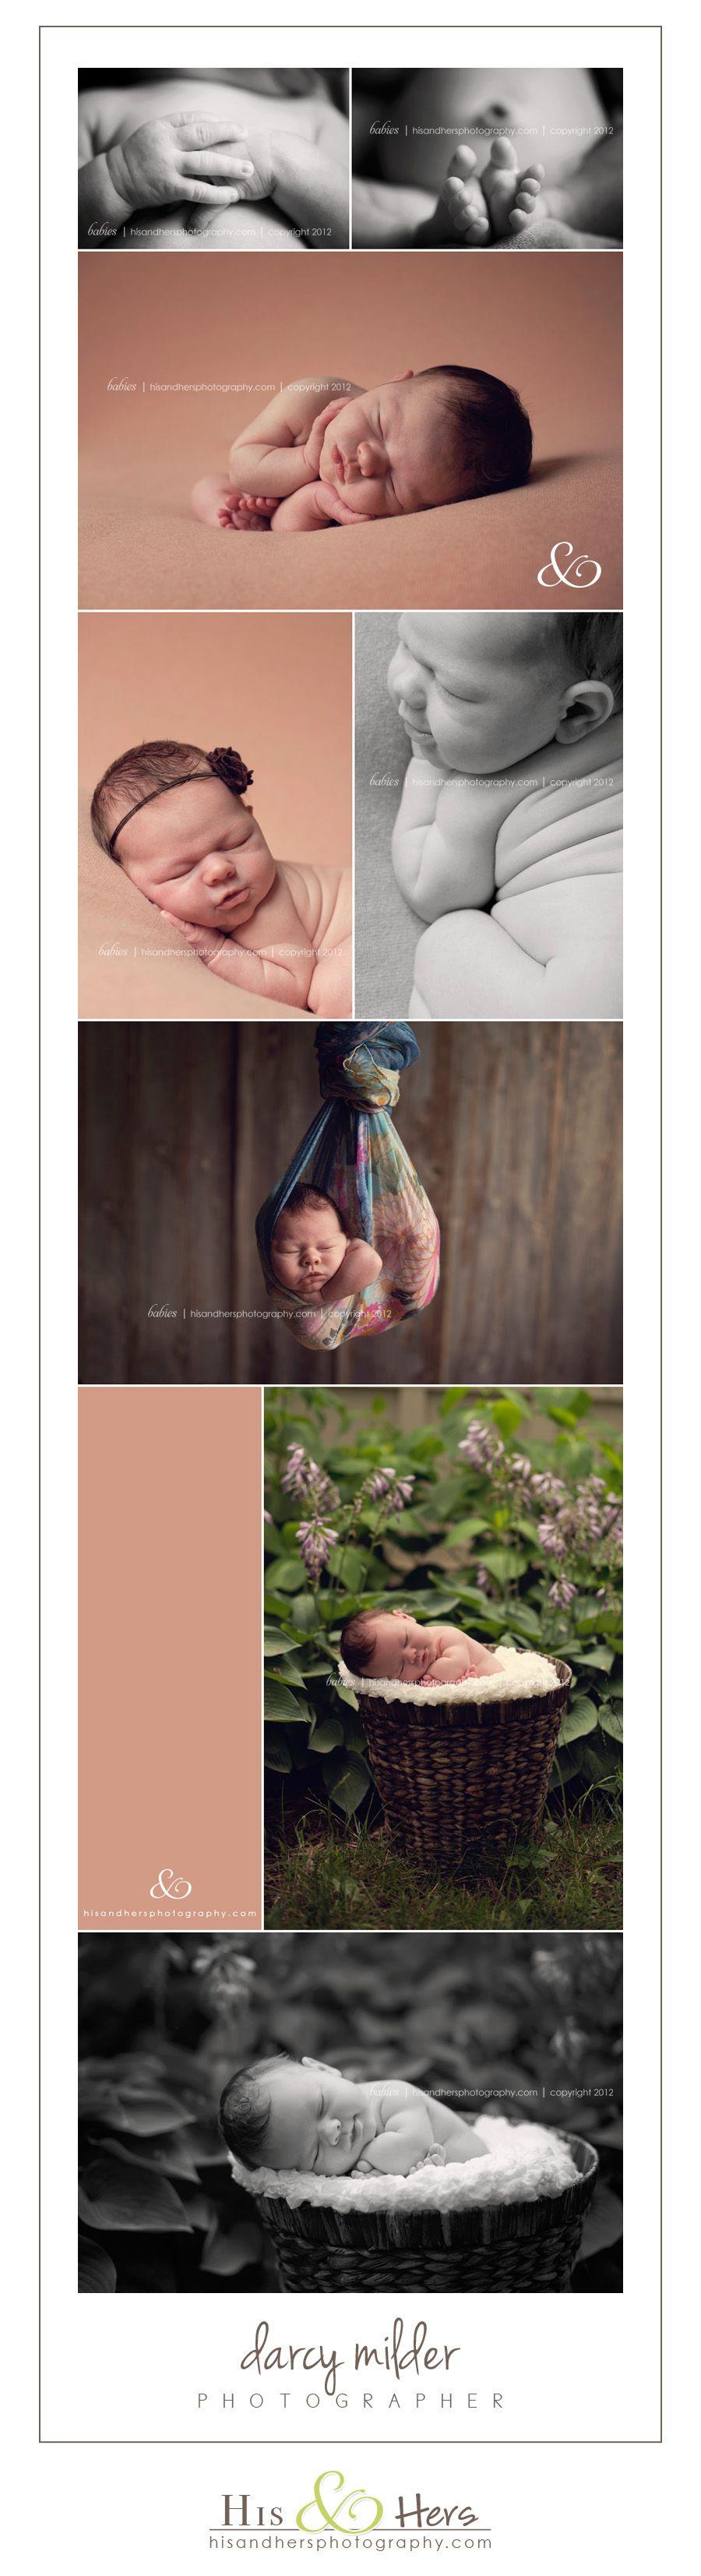 des moines iowa newborn baby photographer | darcy milder | his & hers